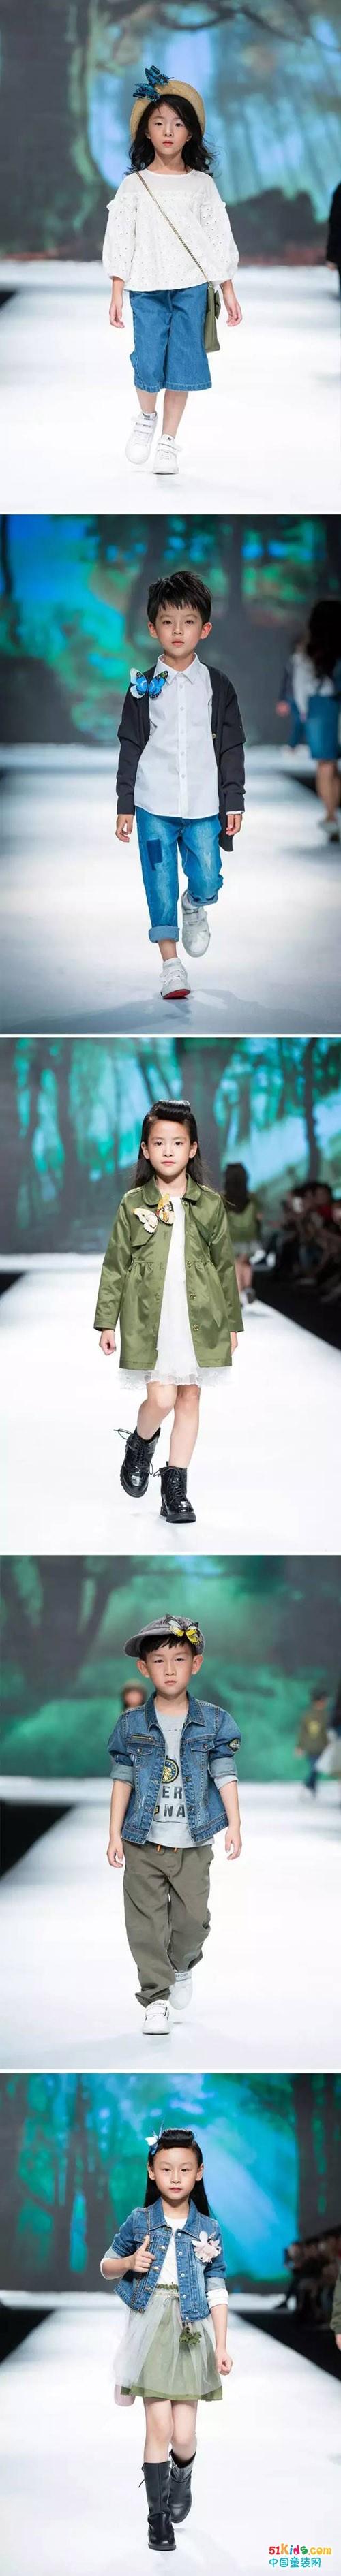 上海时装周 | Wow!首秀的感觉真棒!